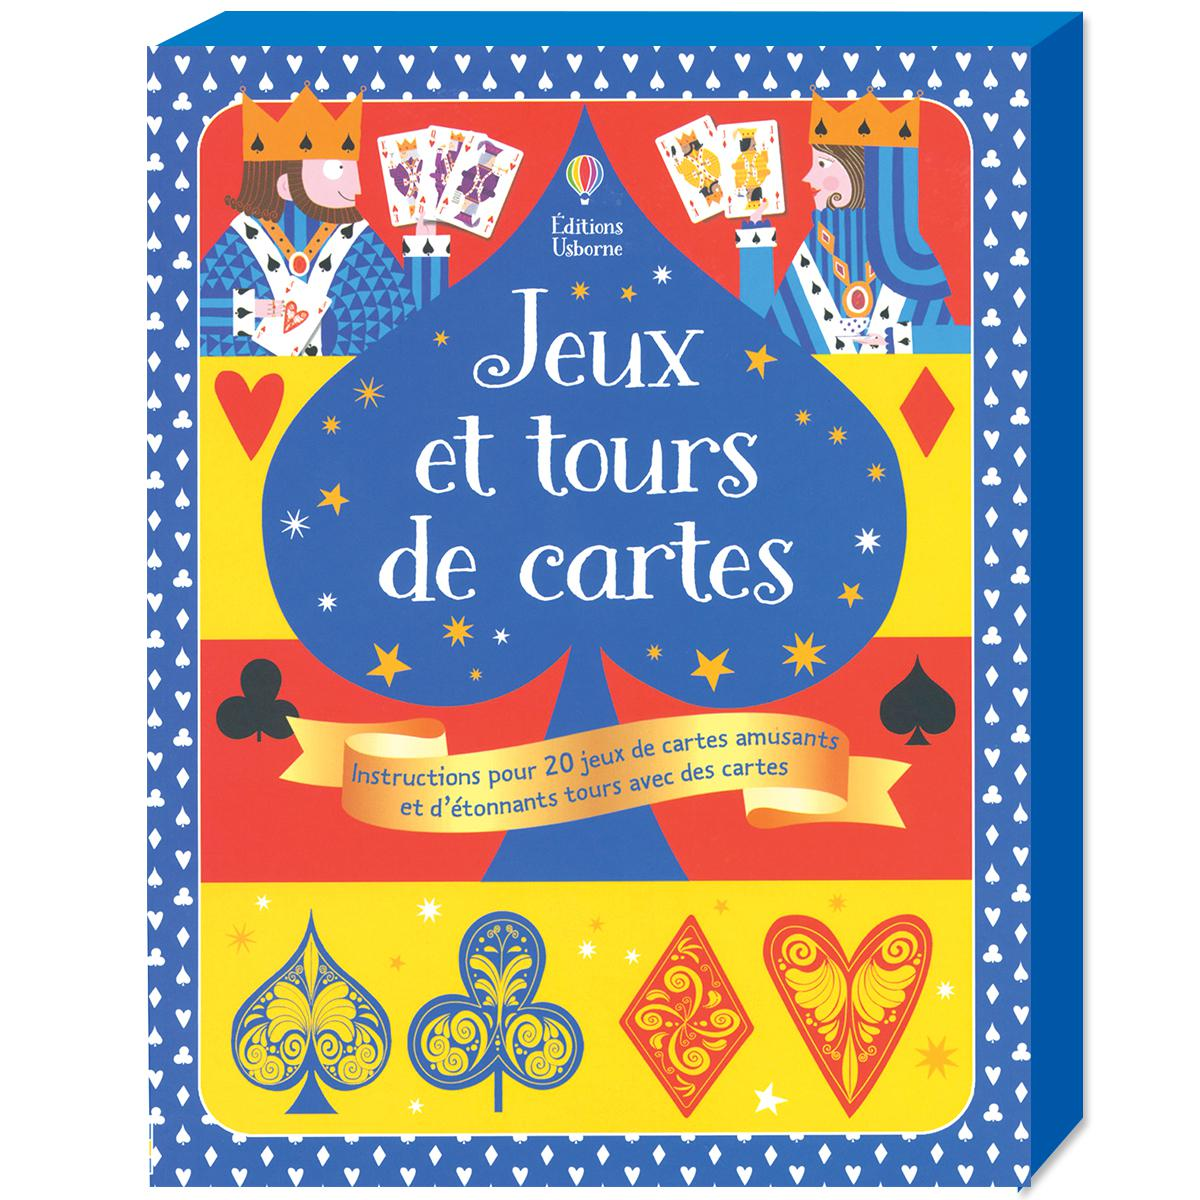 Jeux et tours de cartes